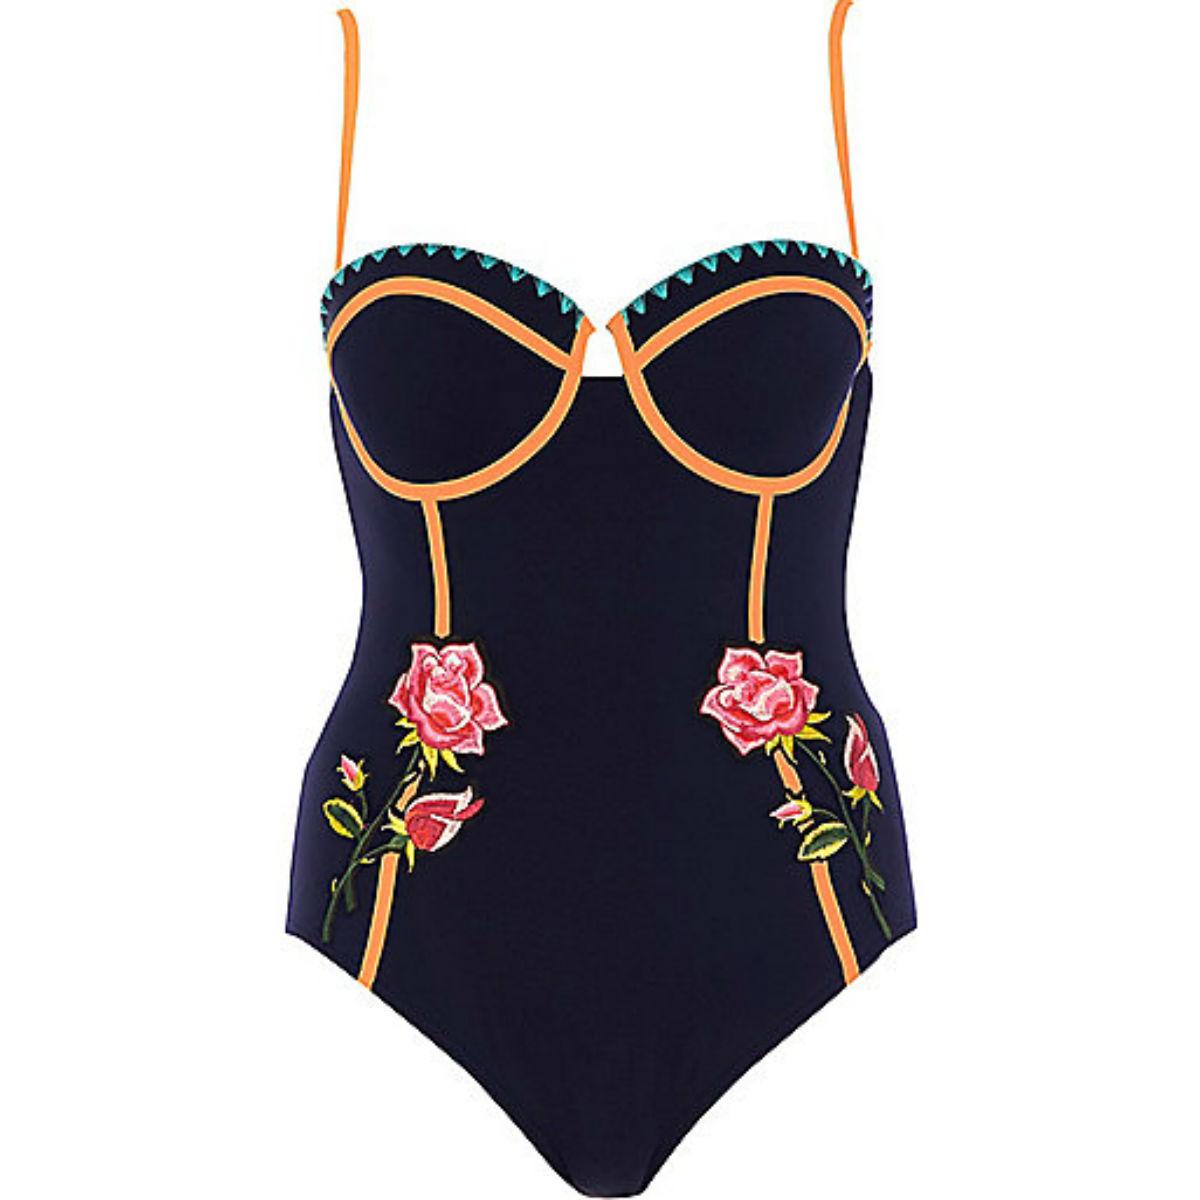 Navy floral applique balconette swimsuit, £38, River Island